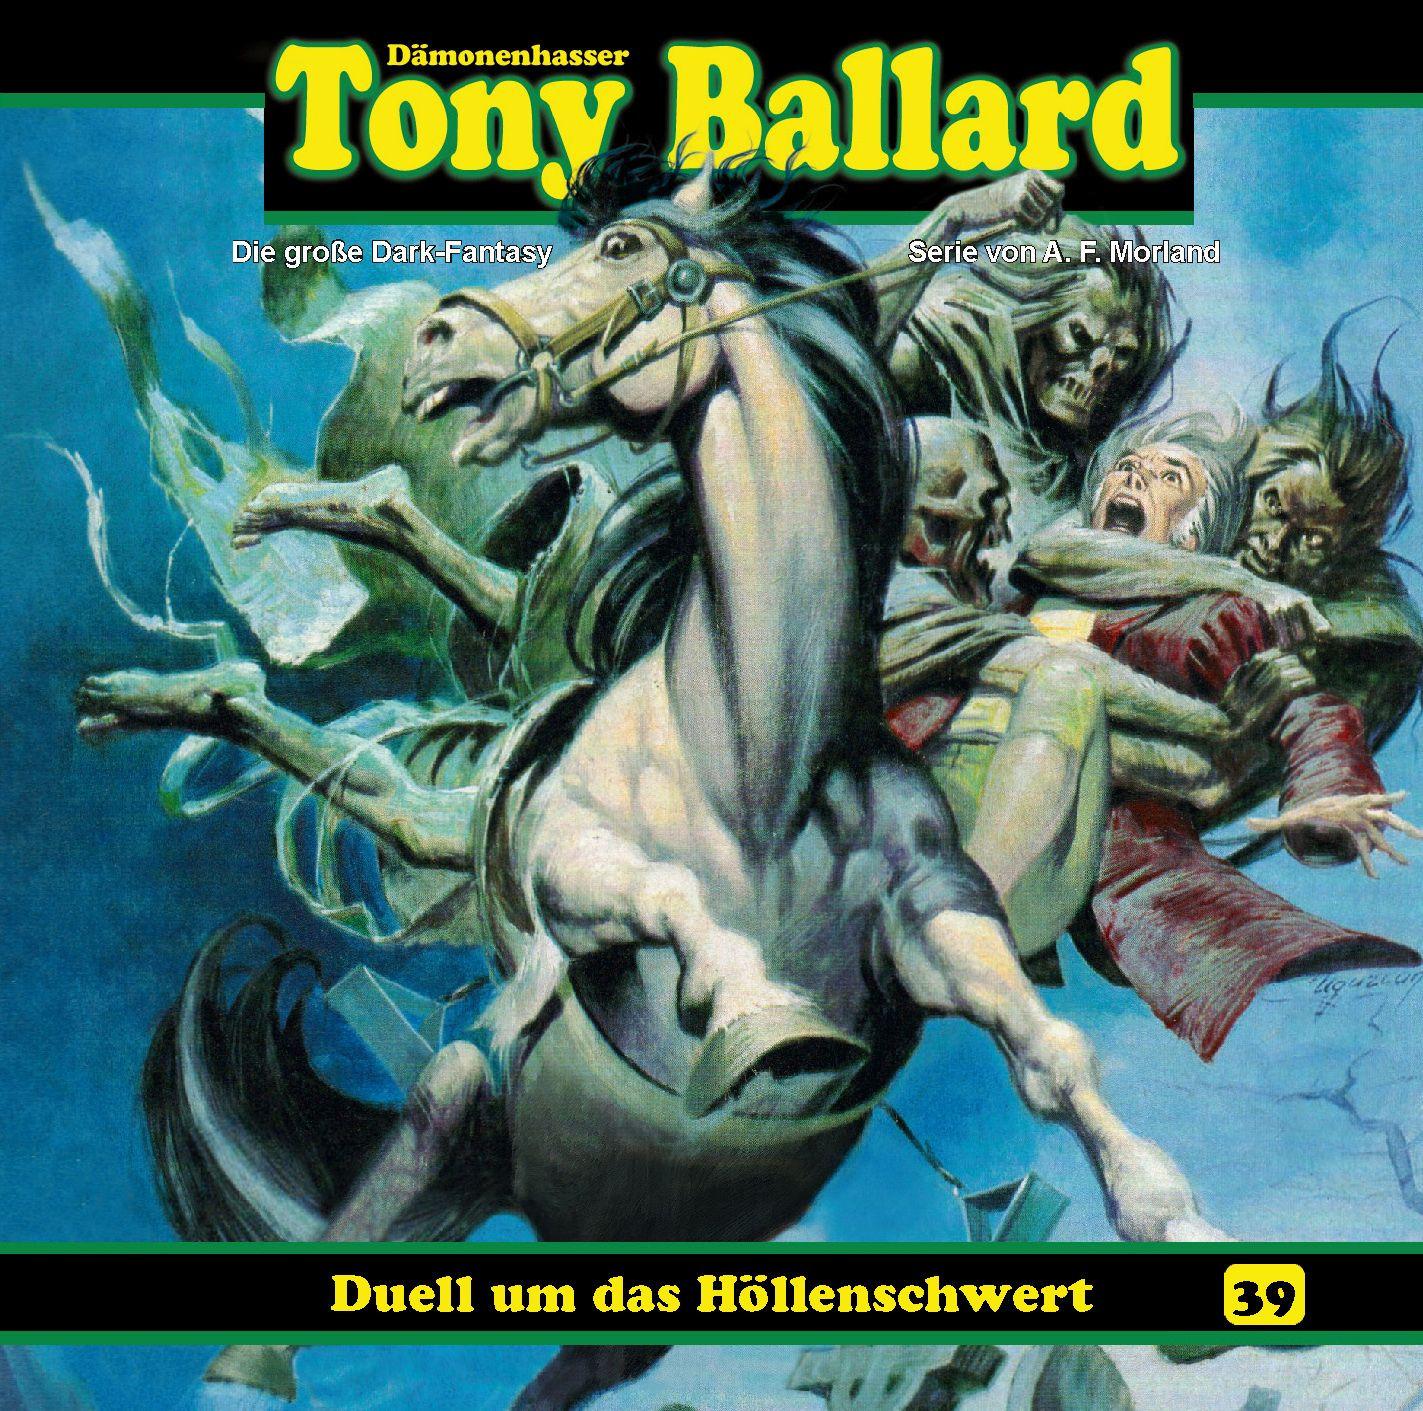 Tony Ballard 39 - Duell um das Höllenschwert (3/4)